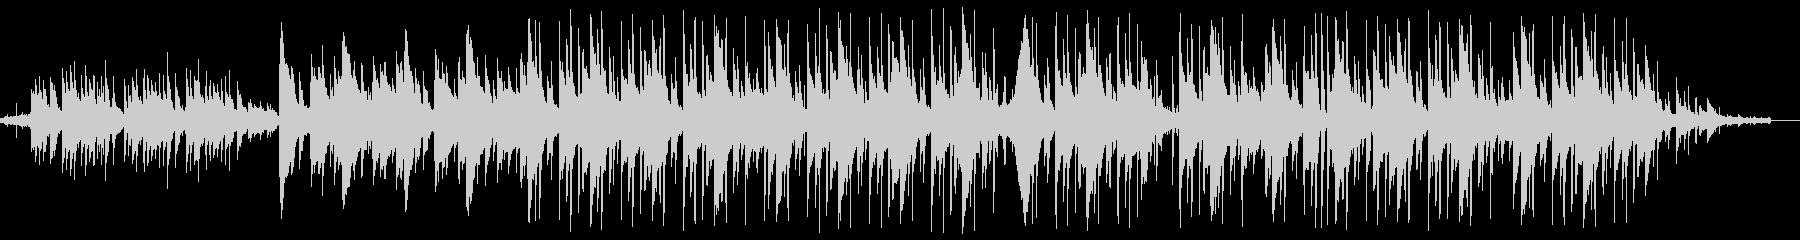 ローファイヒップホップ 川 鳥の未再生の波形